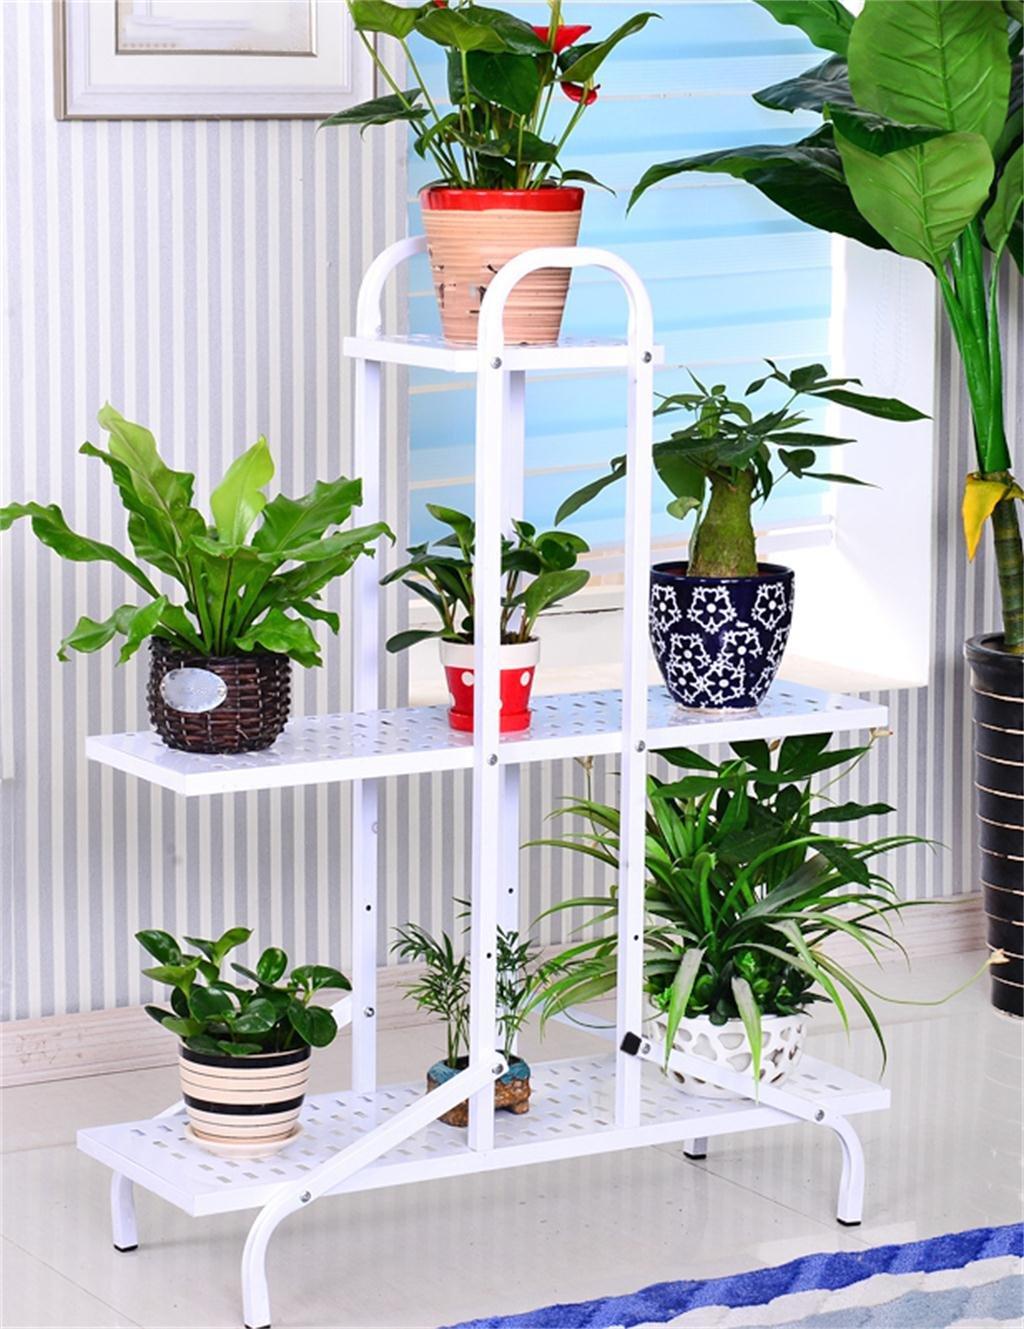 YANZHEN ヨーロッパの床3層鉄の花の鍋の棚のアセンブリ花のラック白い植物のポットホルダー居間室内バルコニーフラワースタンド フラワースタンド B07D2BH89Y